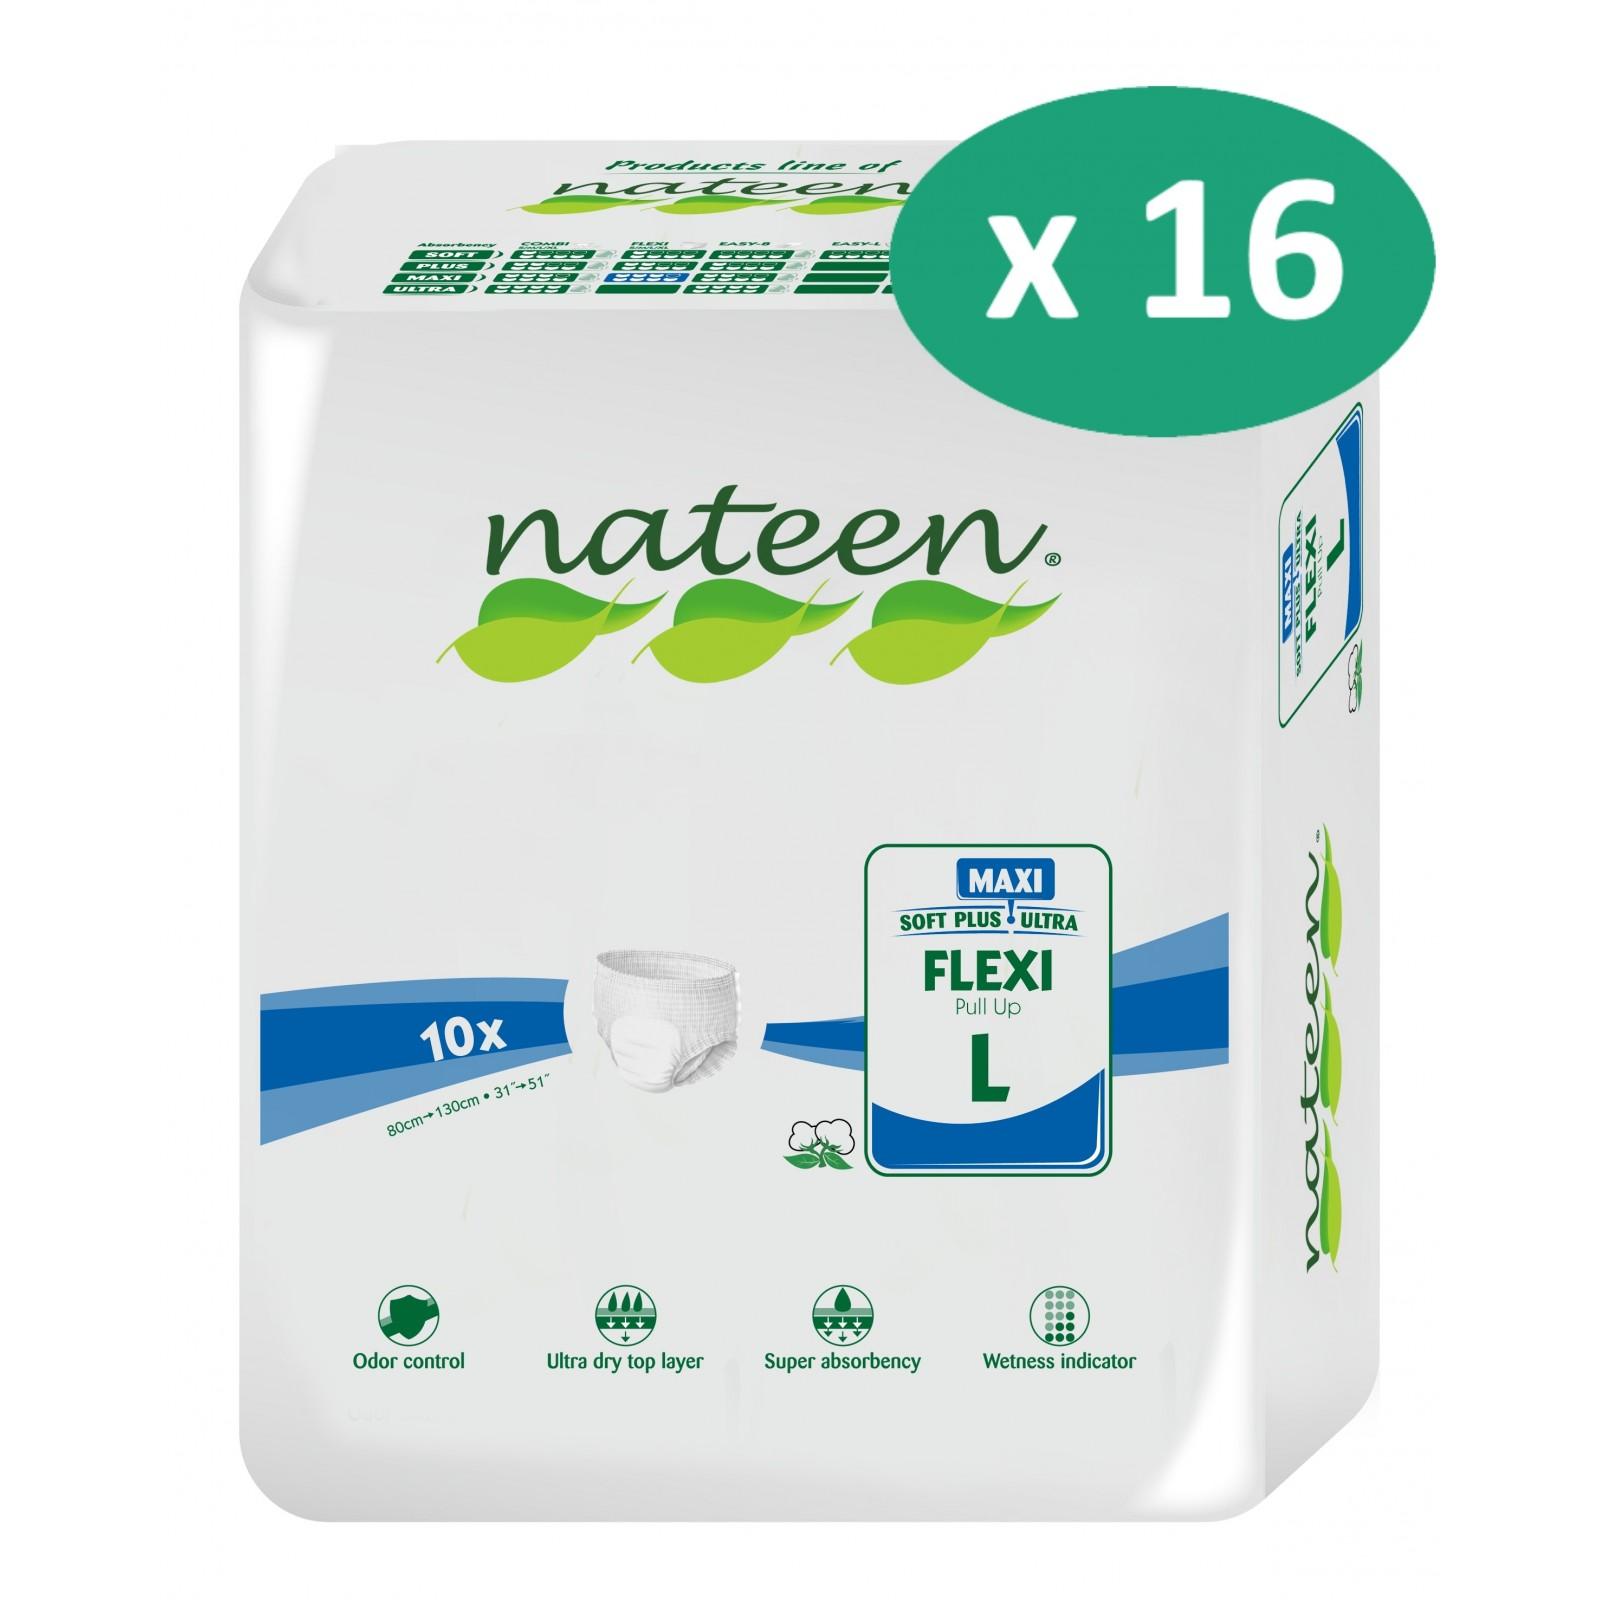 16 paquets de Nateen Flexi Maxi Large| SenUp.com